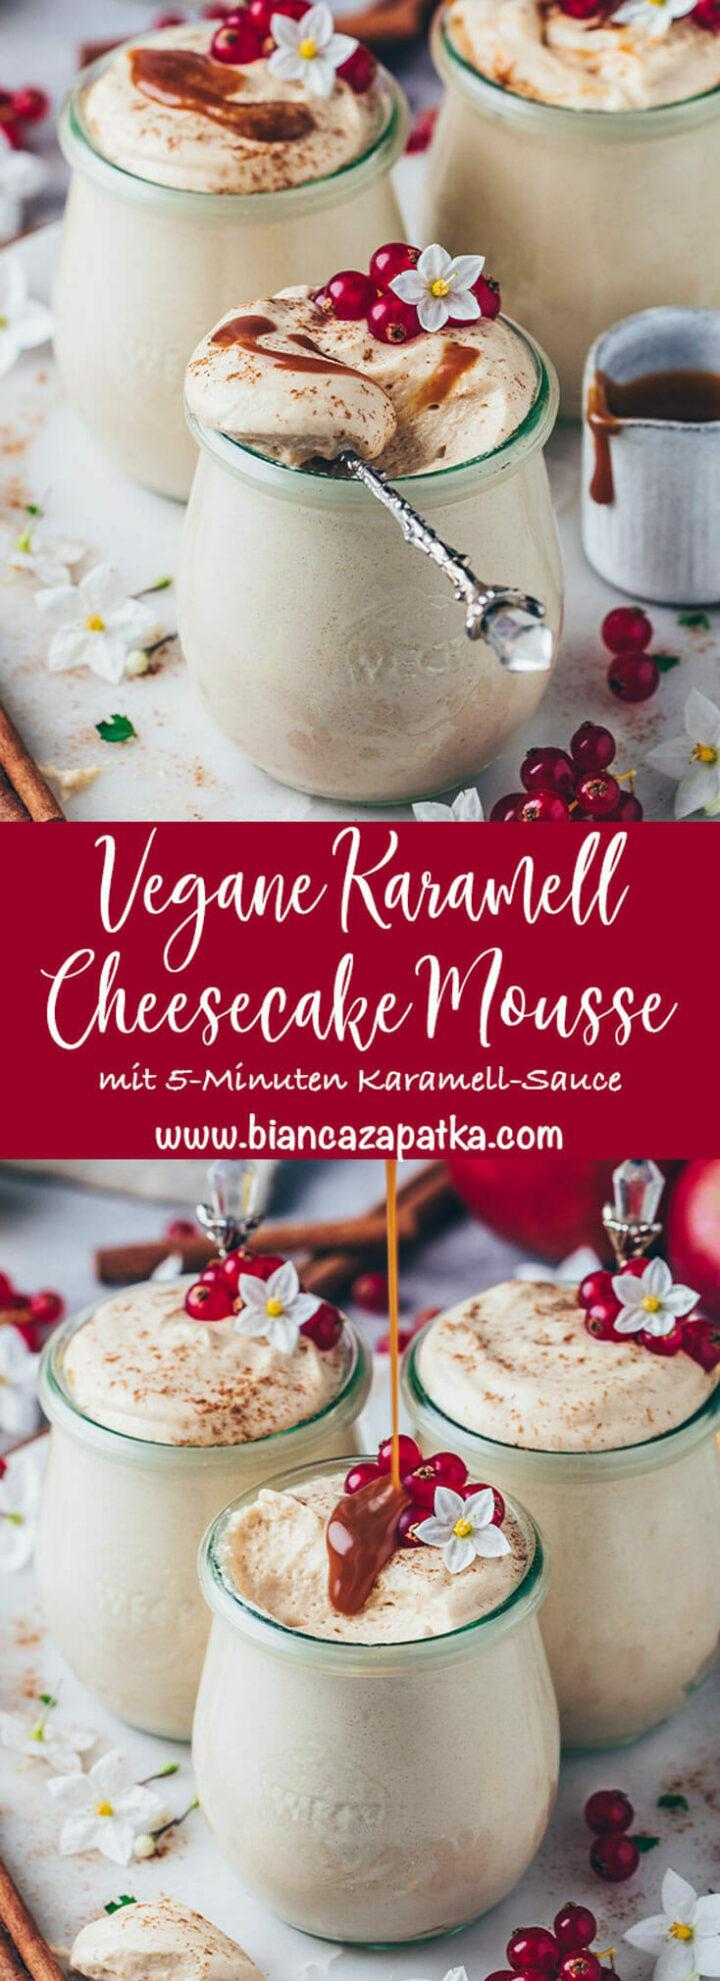 Karamell Mousse Dessert Rezept mit Karamellsauce, Zimt und Johannisbeeren (Cheesecake Käsekuchen im Glas)